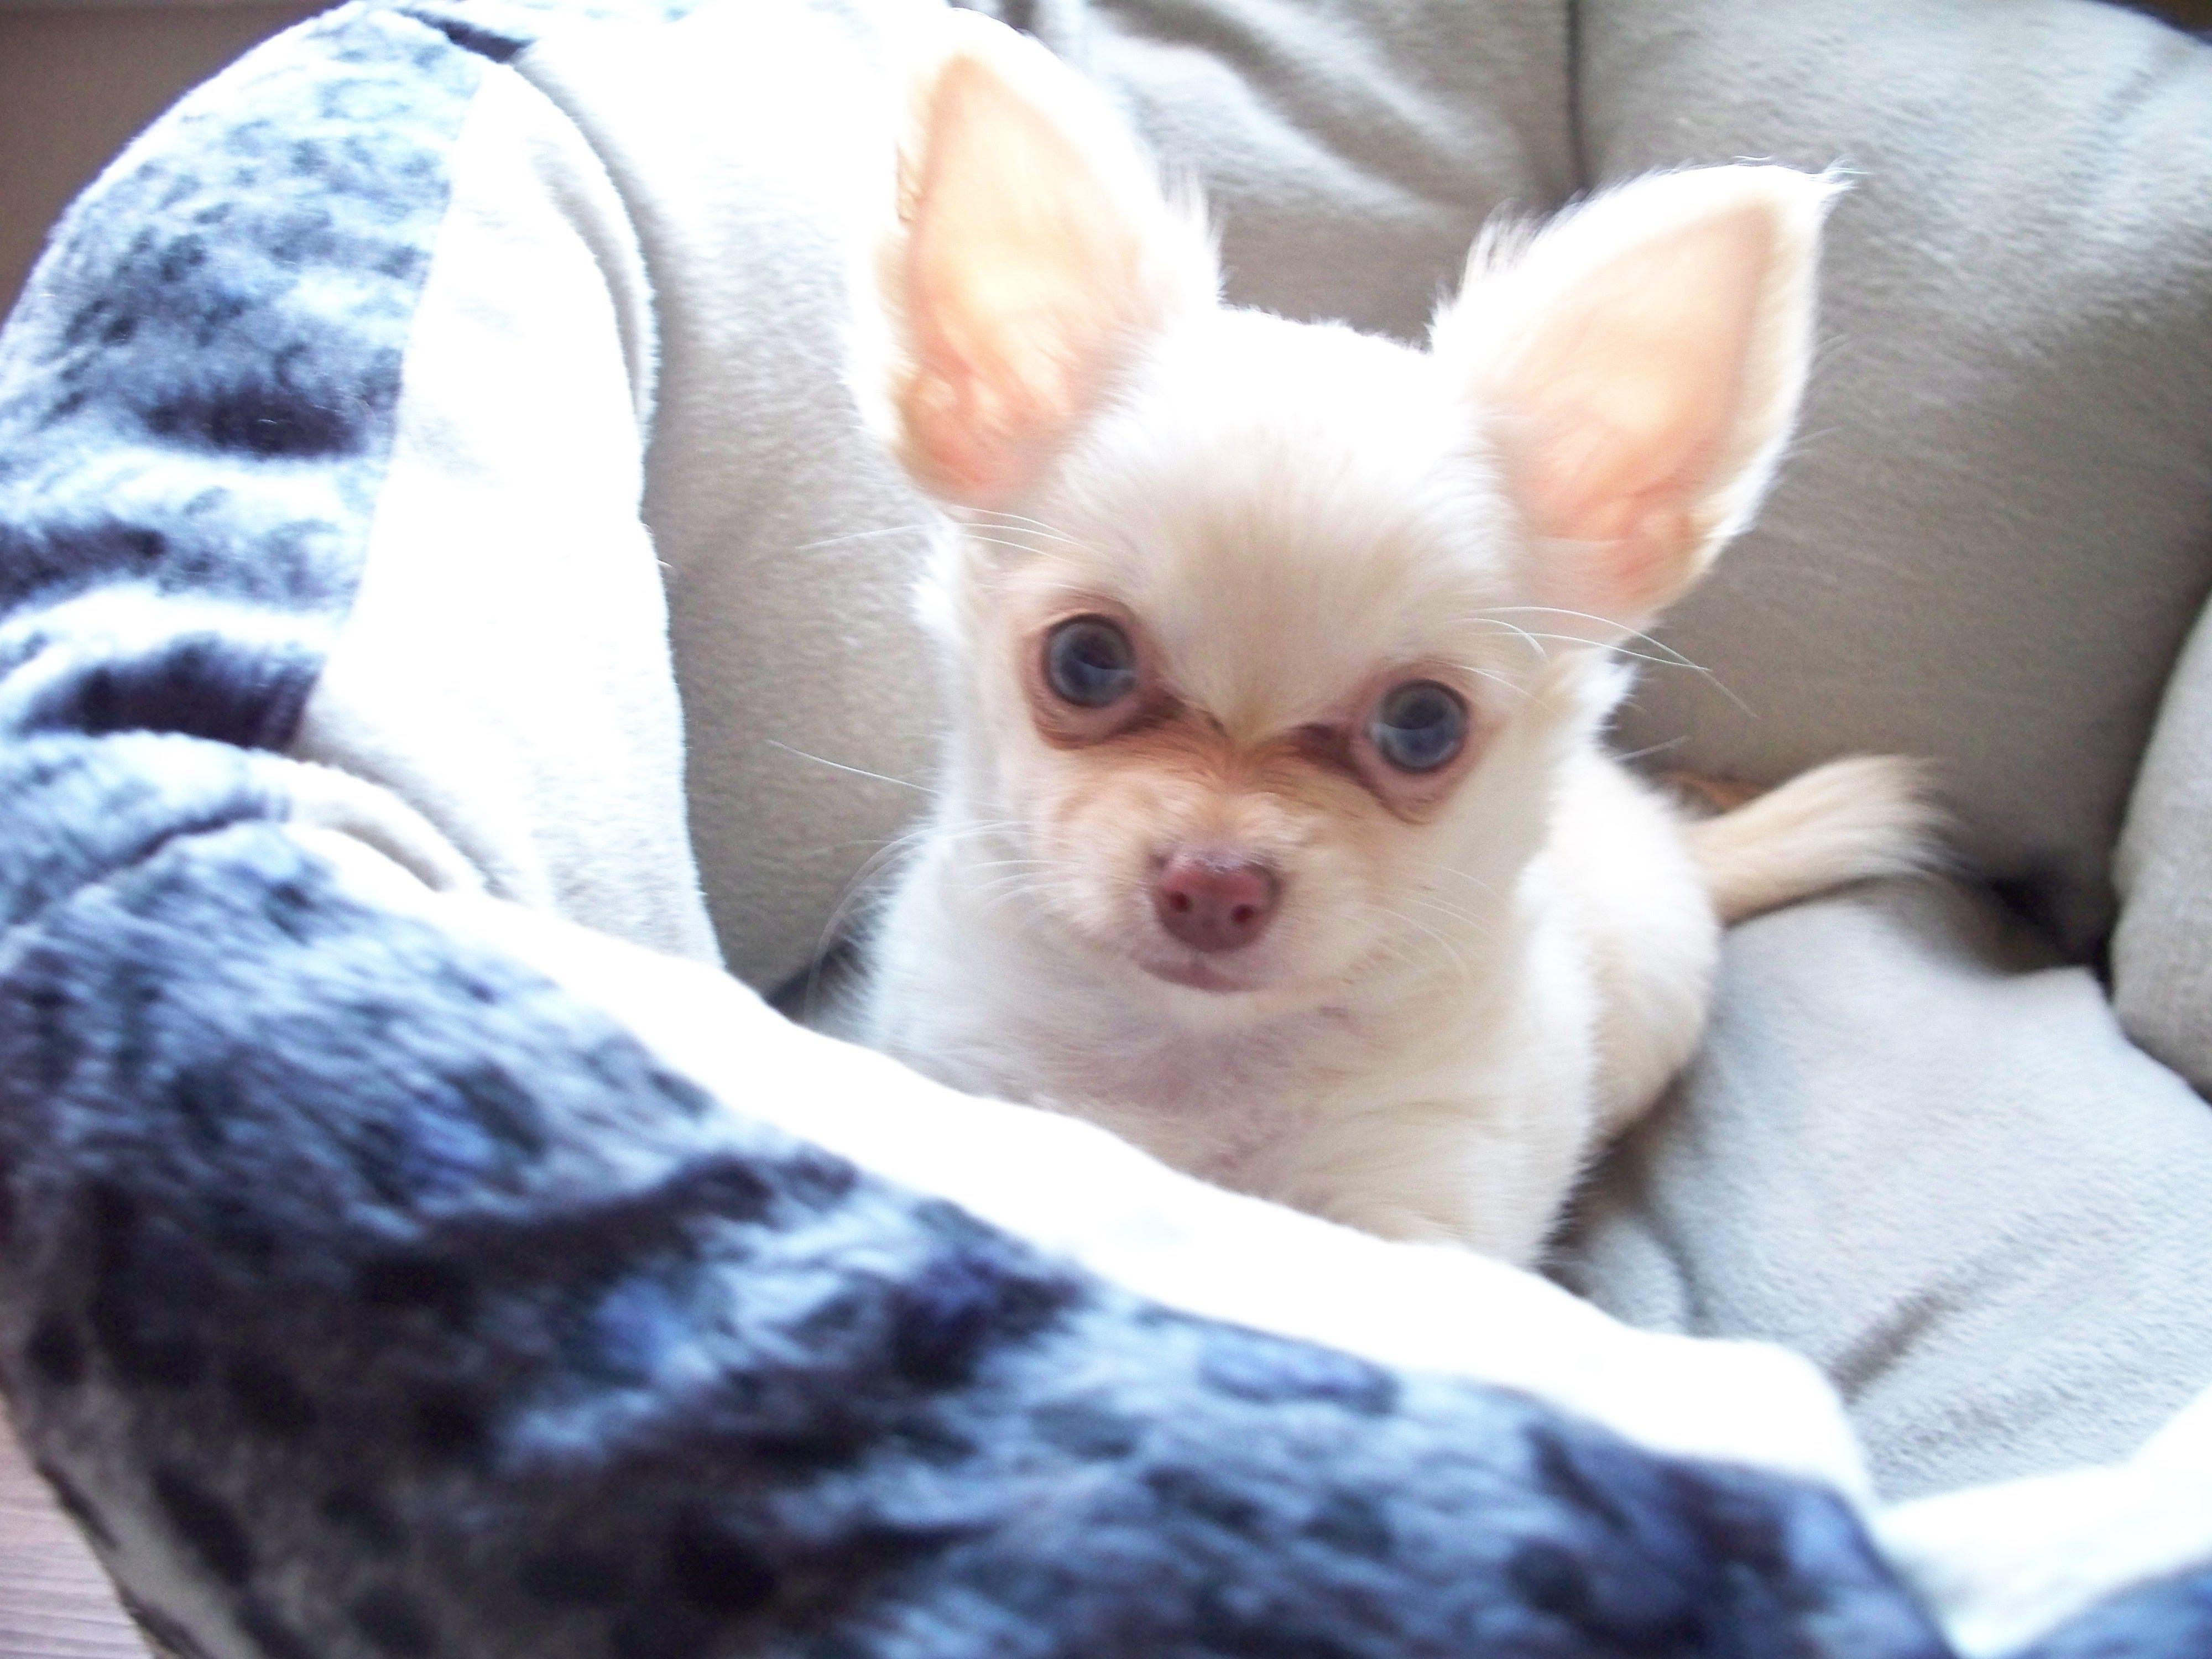 mia our long hair chihuahua when she was a puppy. how cute